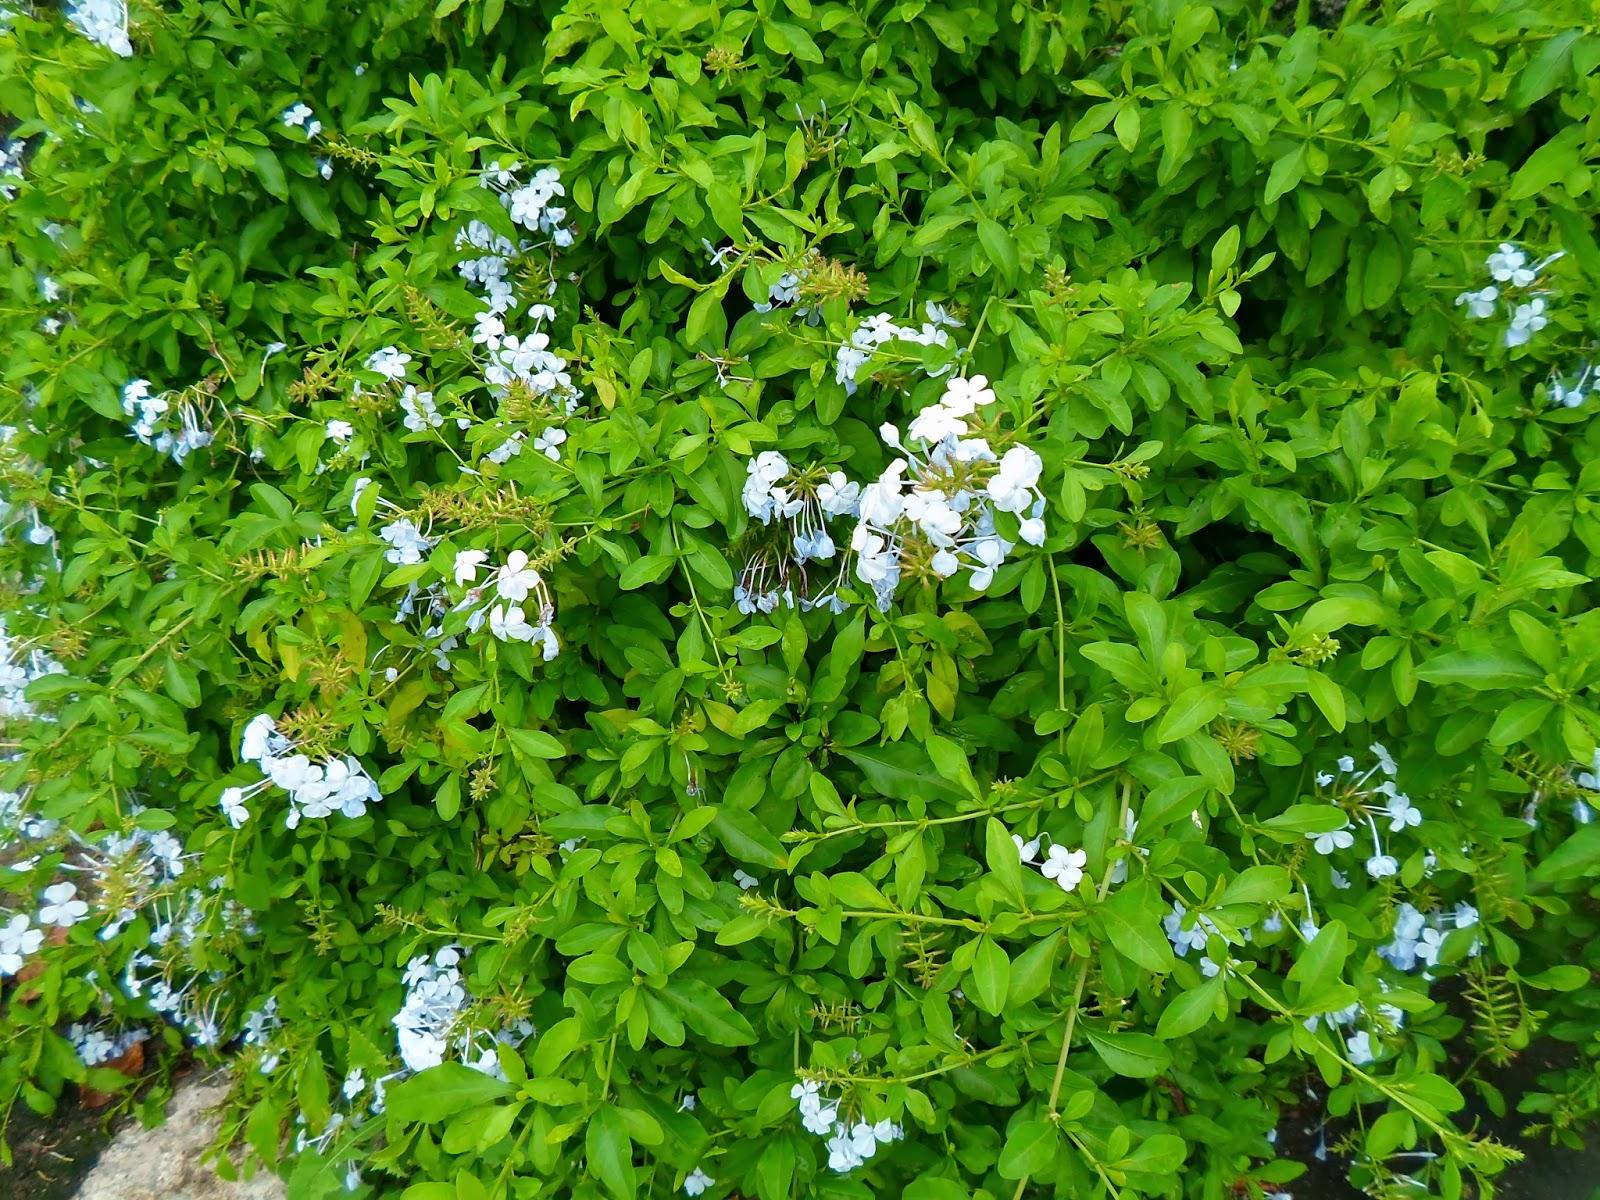 azulzinha (Evolvulus glomeratus)